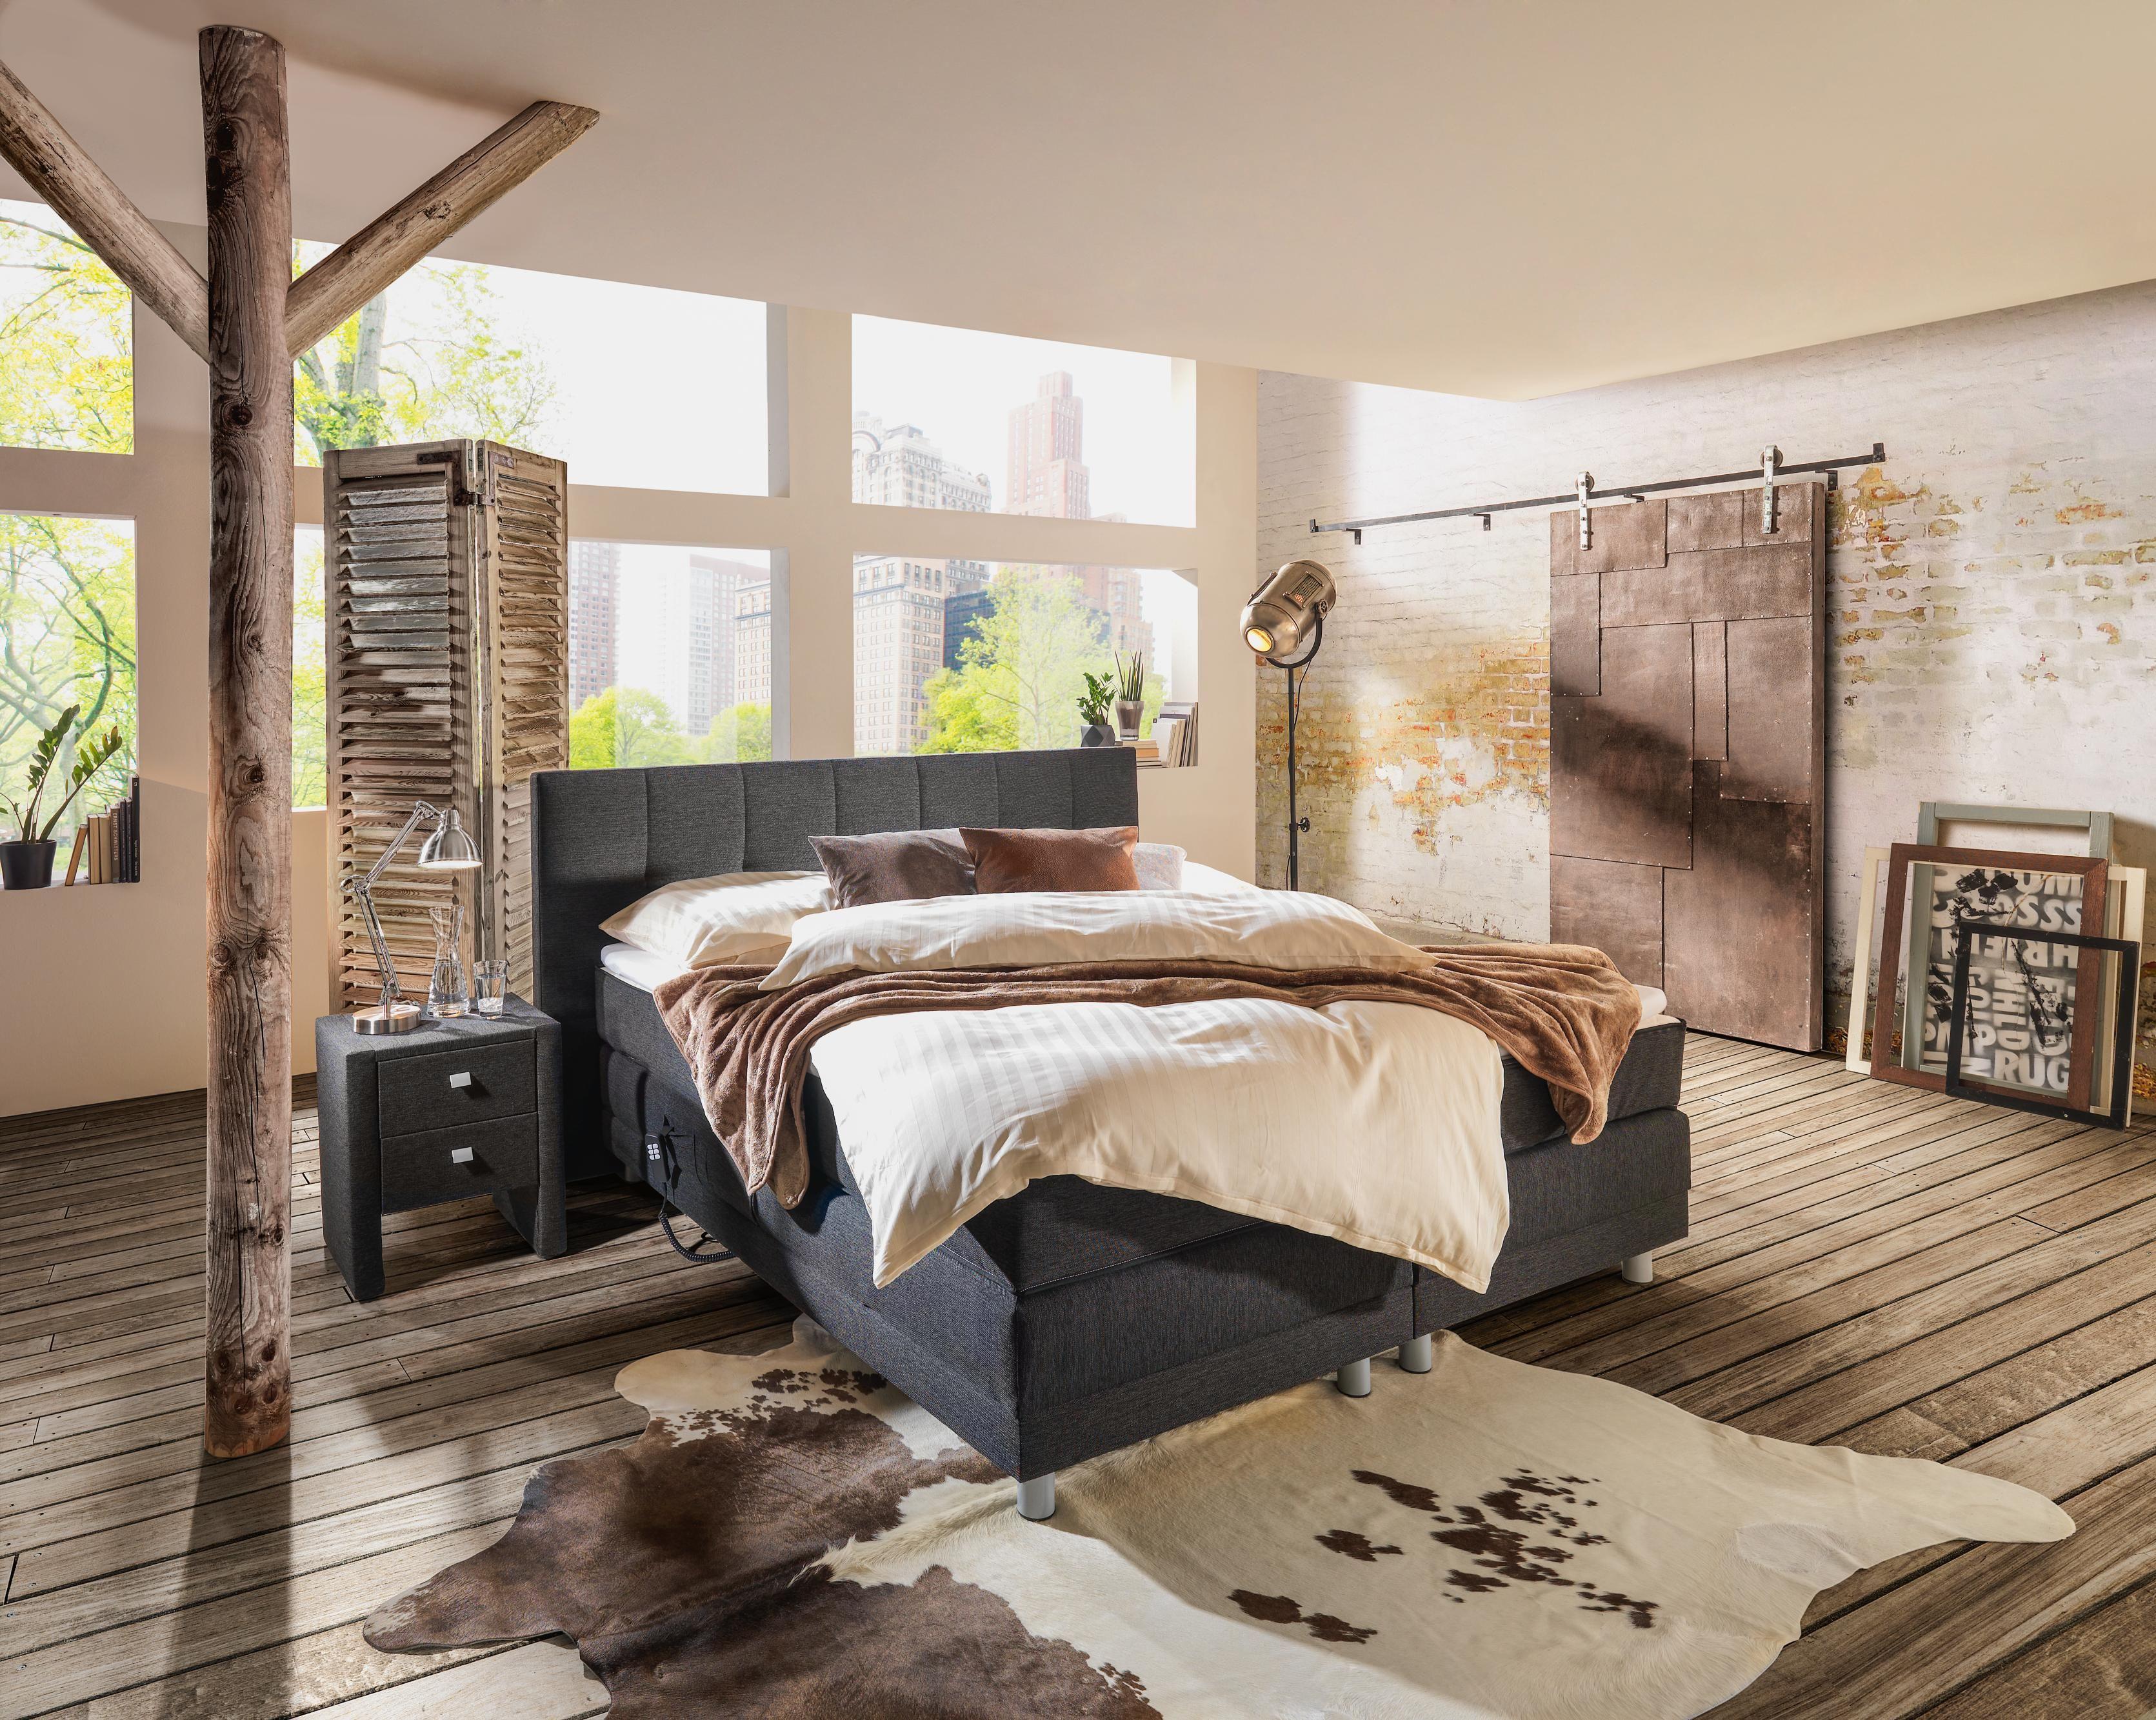 Graues Boxspringbett: Elegantes Schmuckstück Für Ihr Schlafzimmer